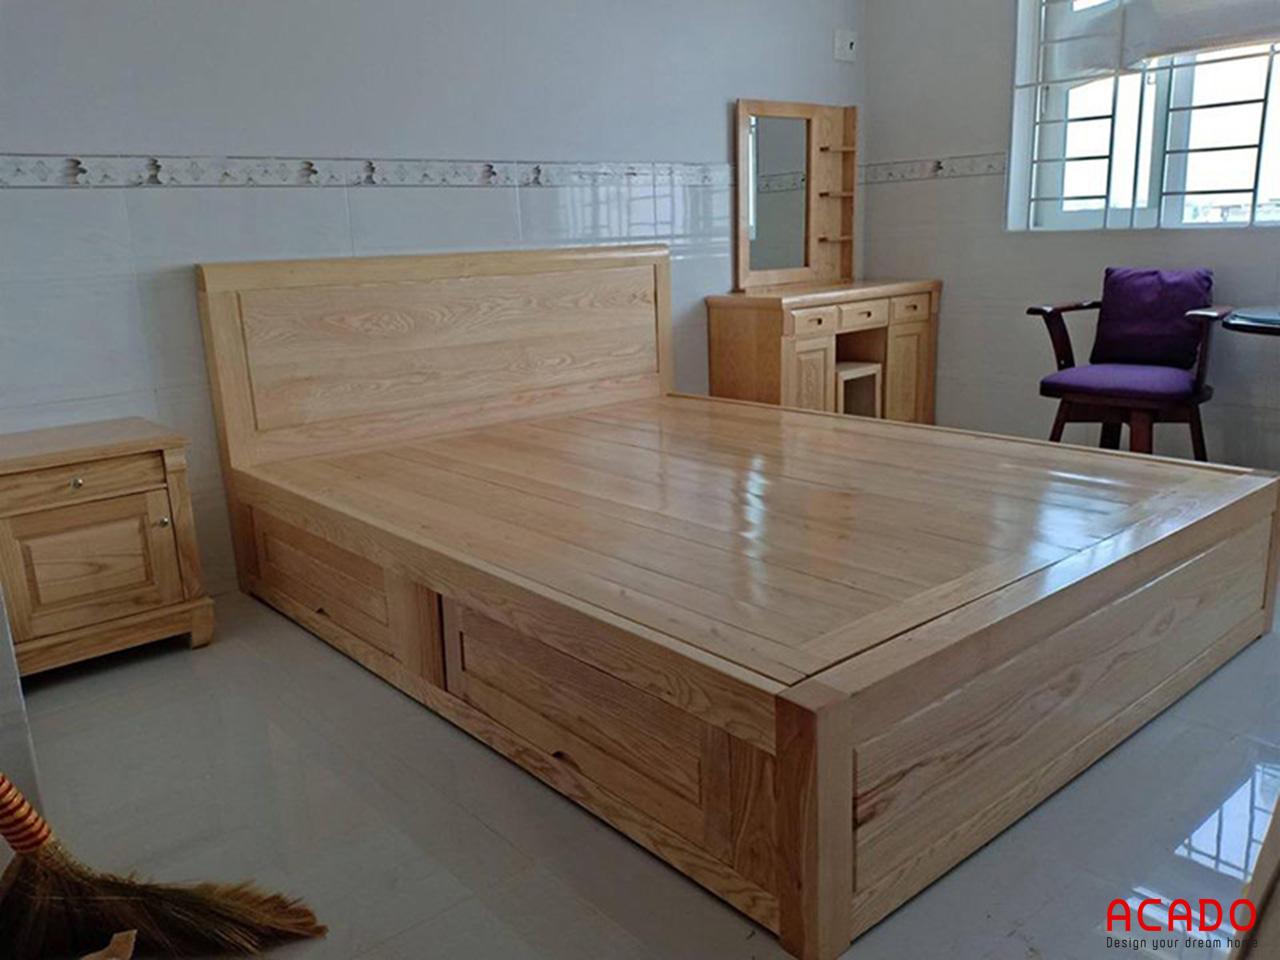 Với những đường vân gỗ tự nhiên mộc mạc, gường ngủ gỗ sồi nga đang rất được ưa chuộng